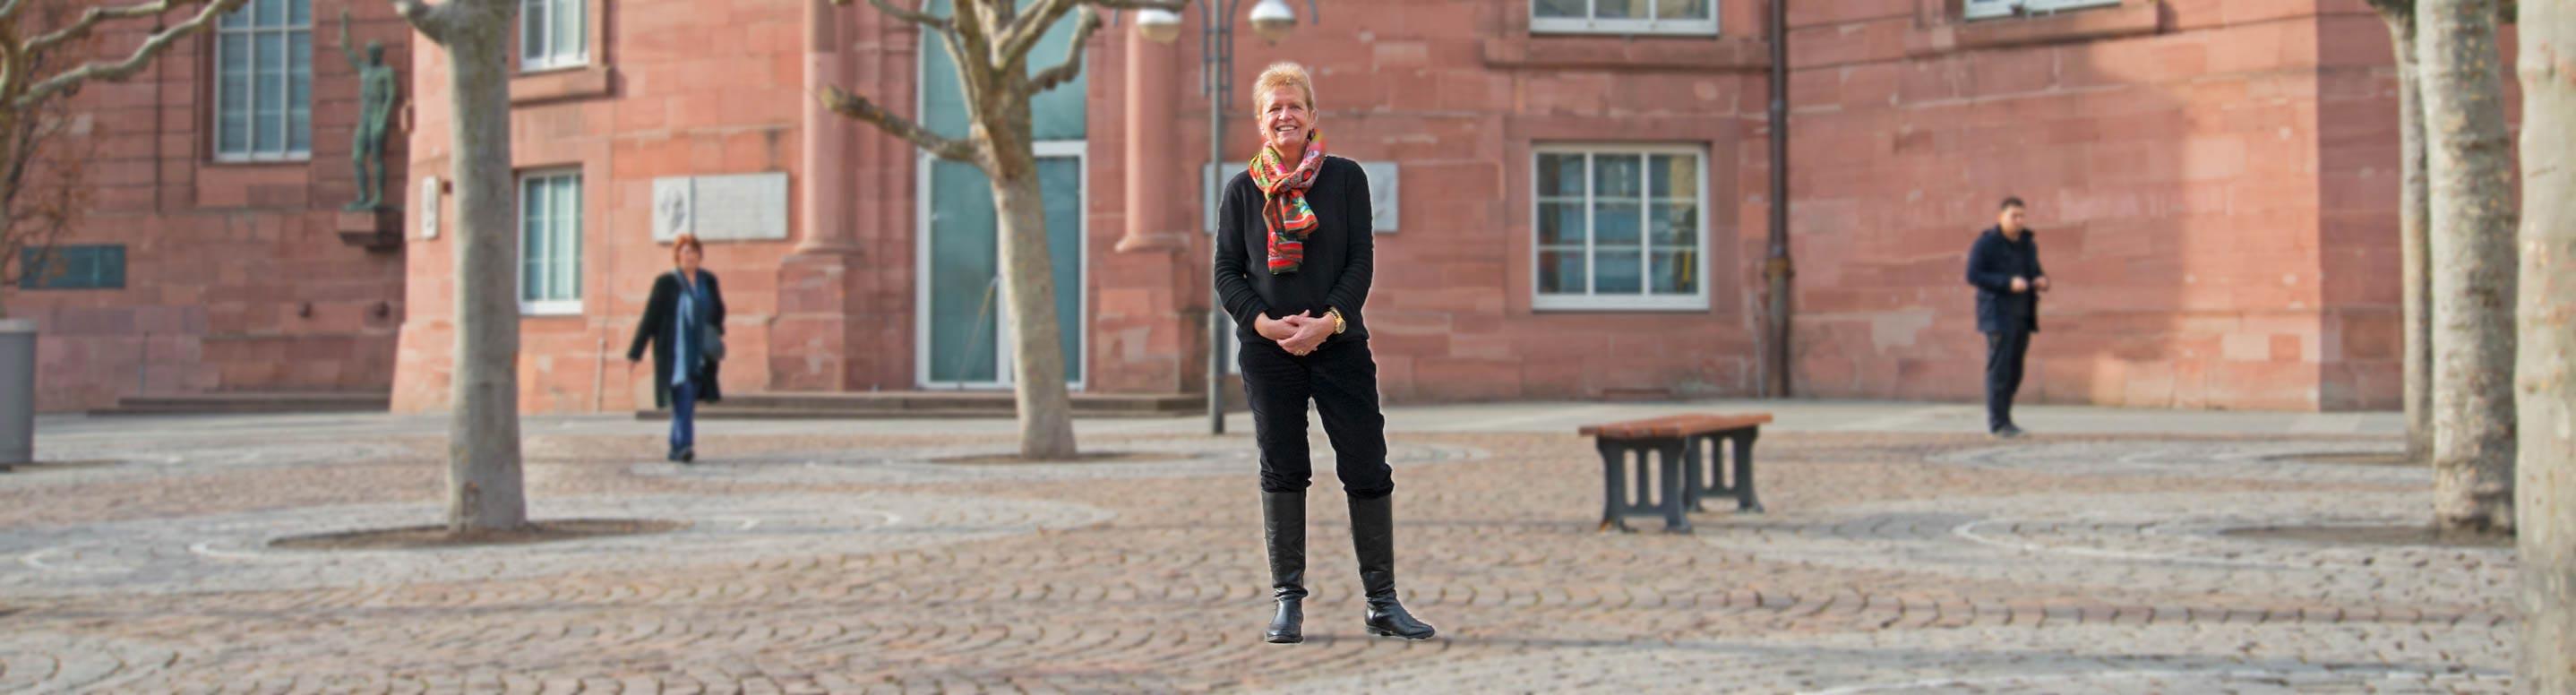 Headerbild Ulli Nissen